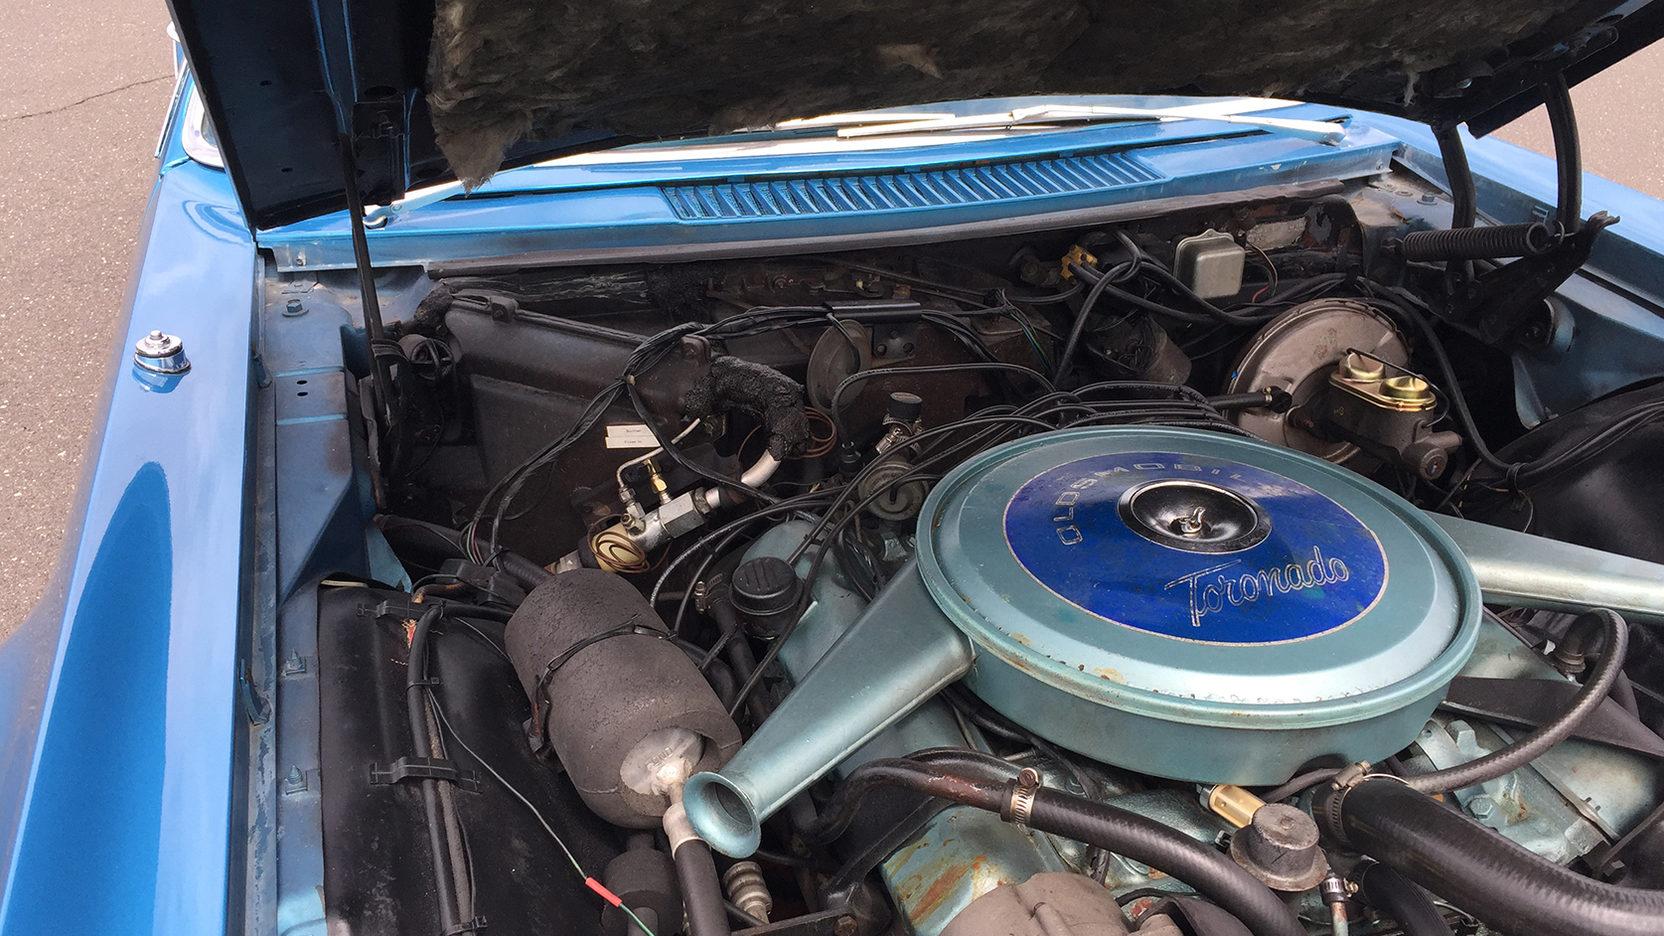 1967 Oldsmobile Toronado engine